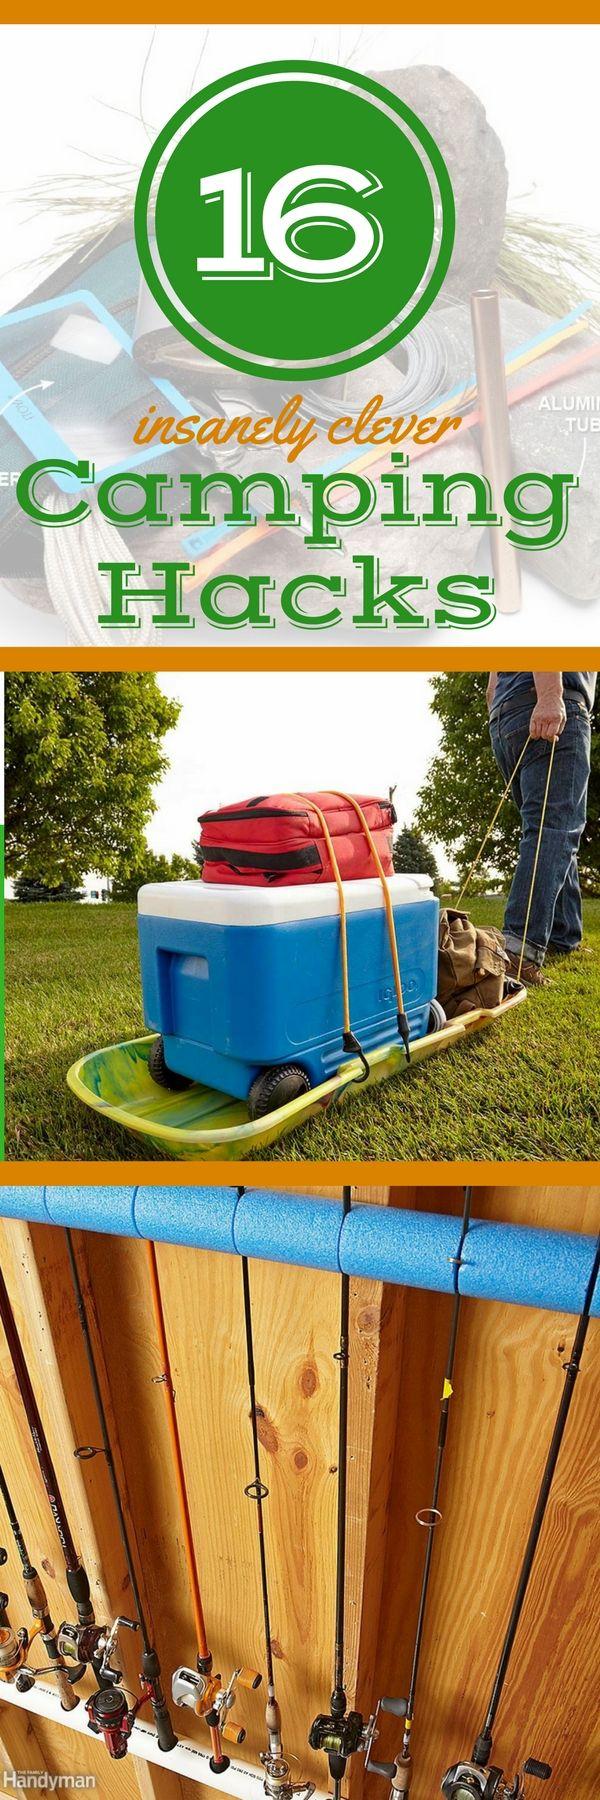 17 Camping Hacks, Tips,